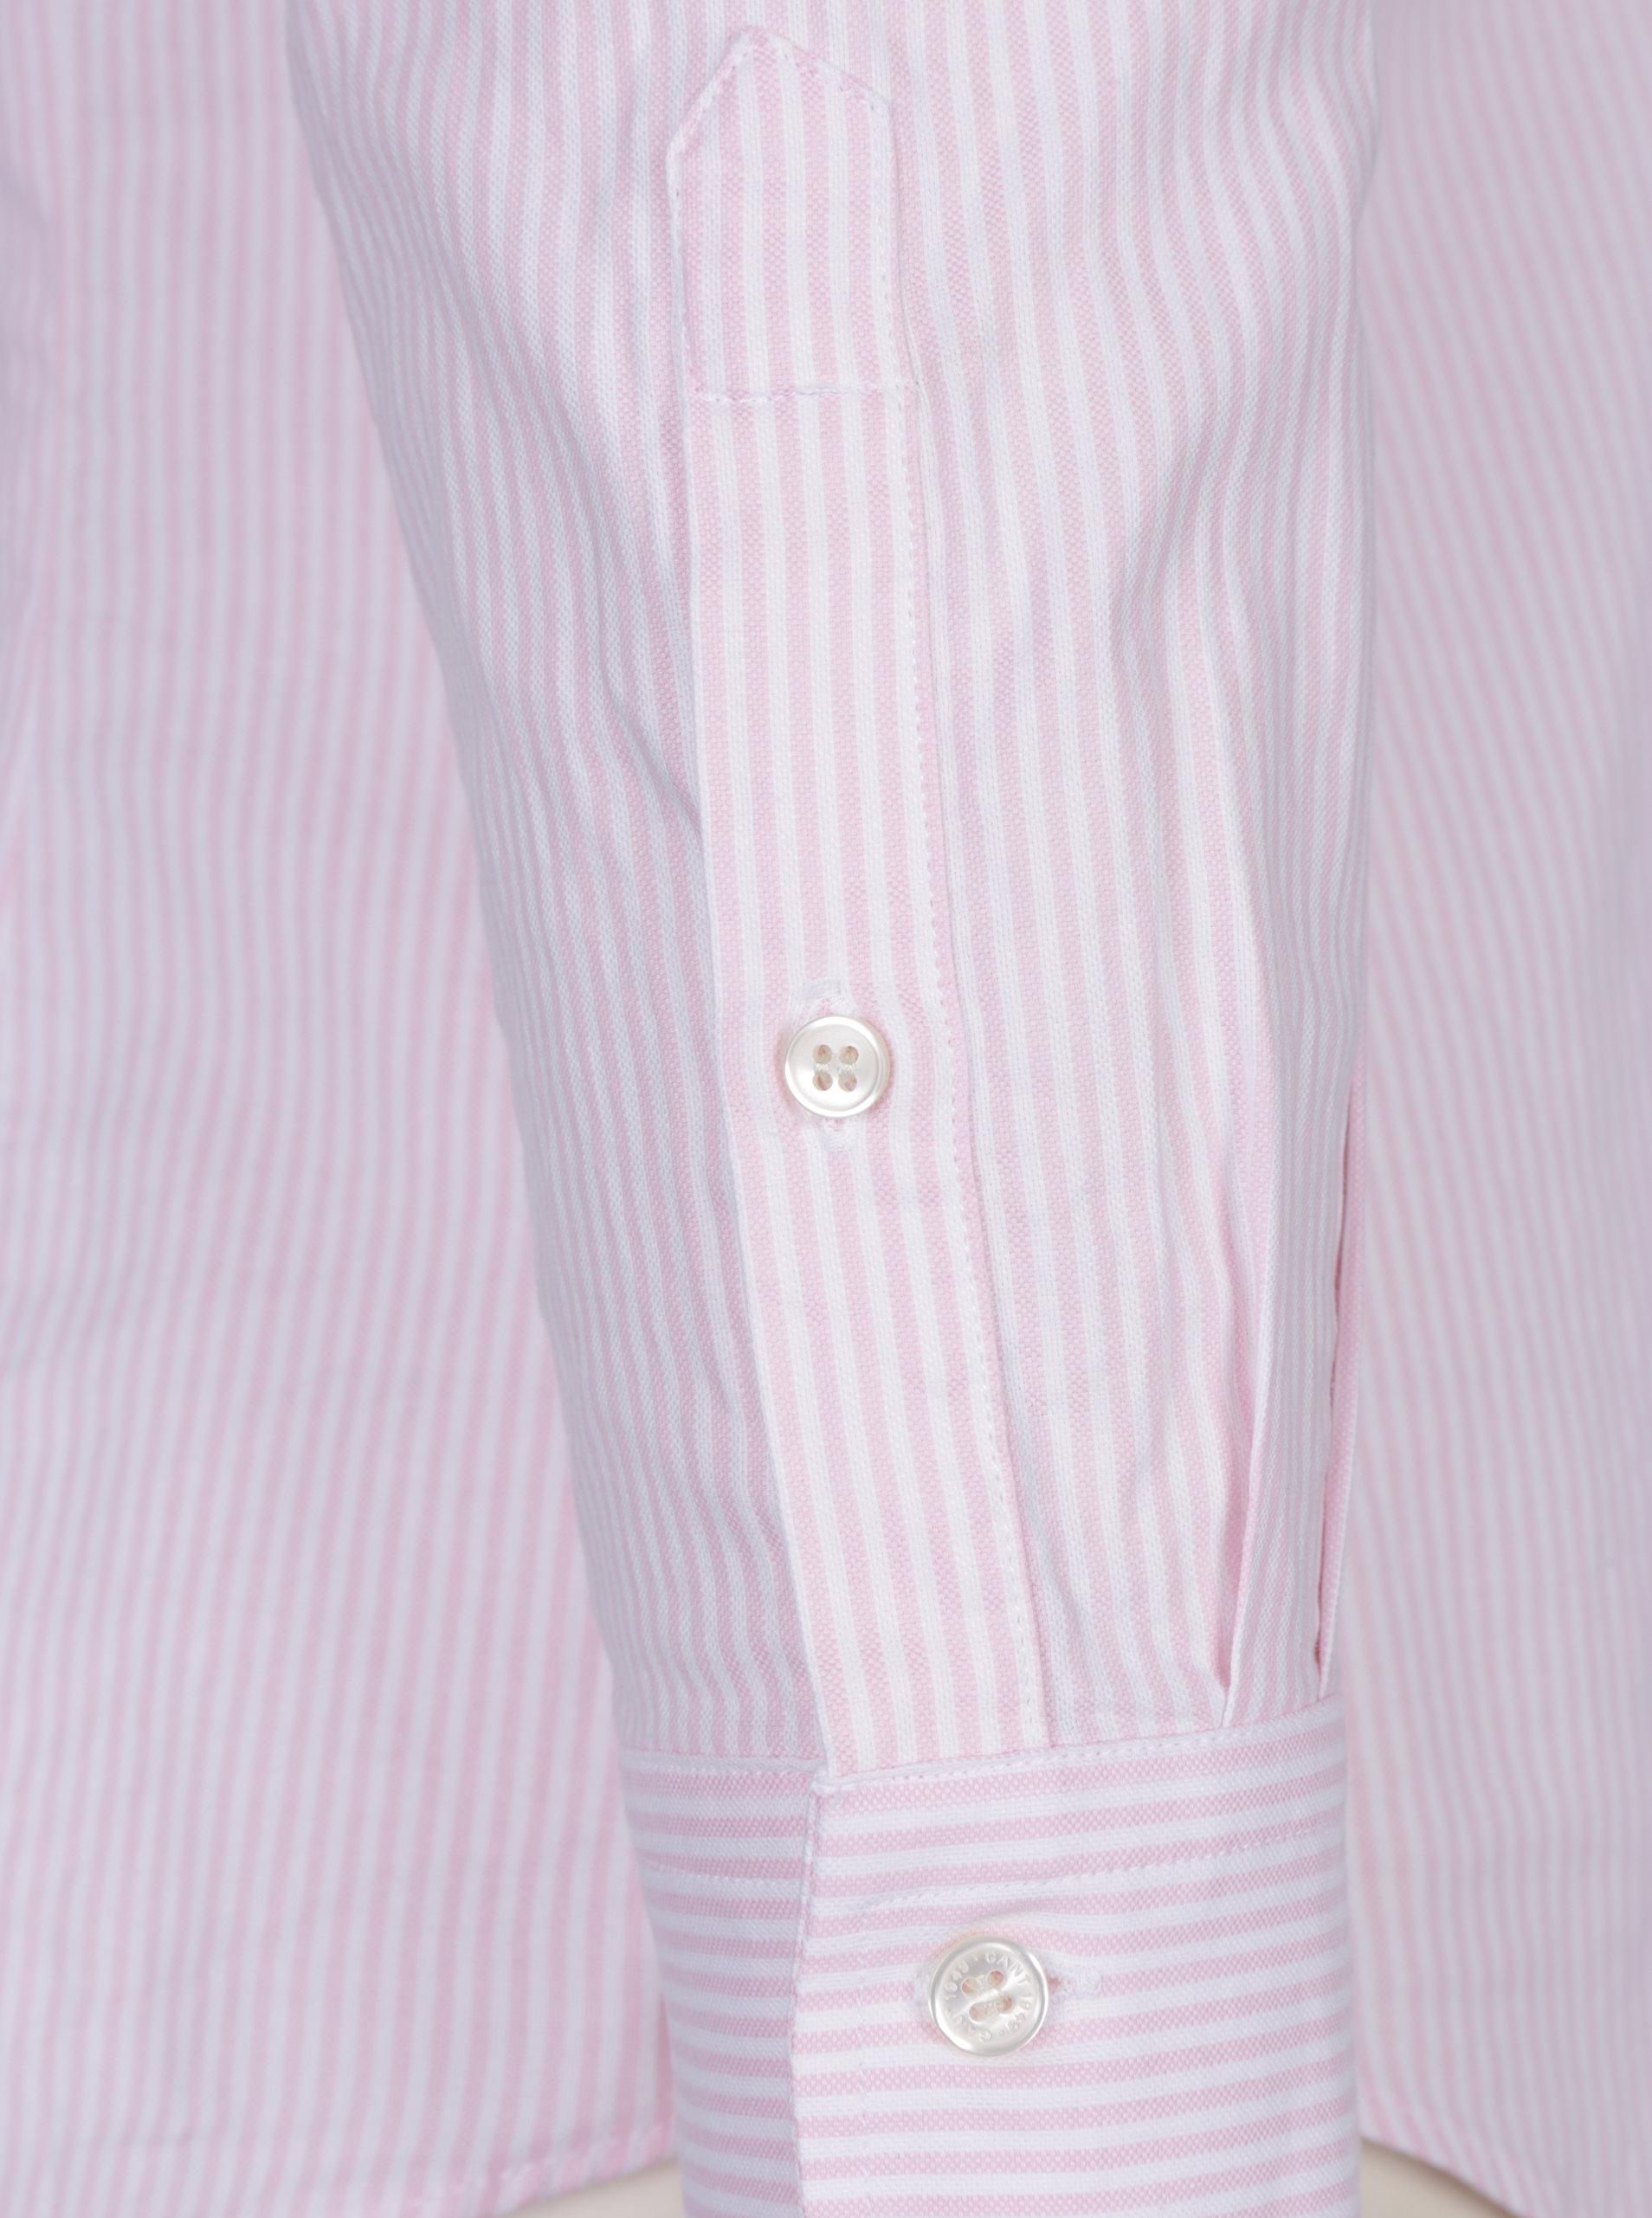 Bílo-růžová dámská pruhovaná košile GANT ... 1af6c208e4